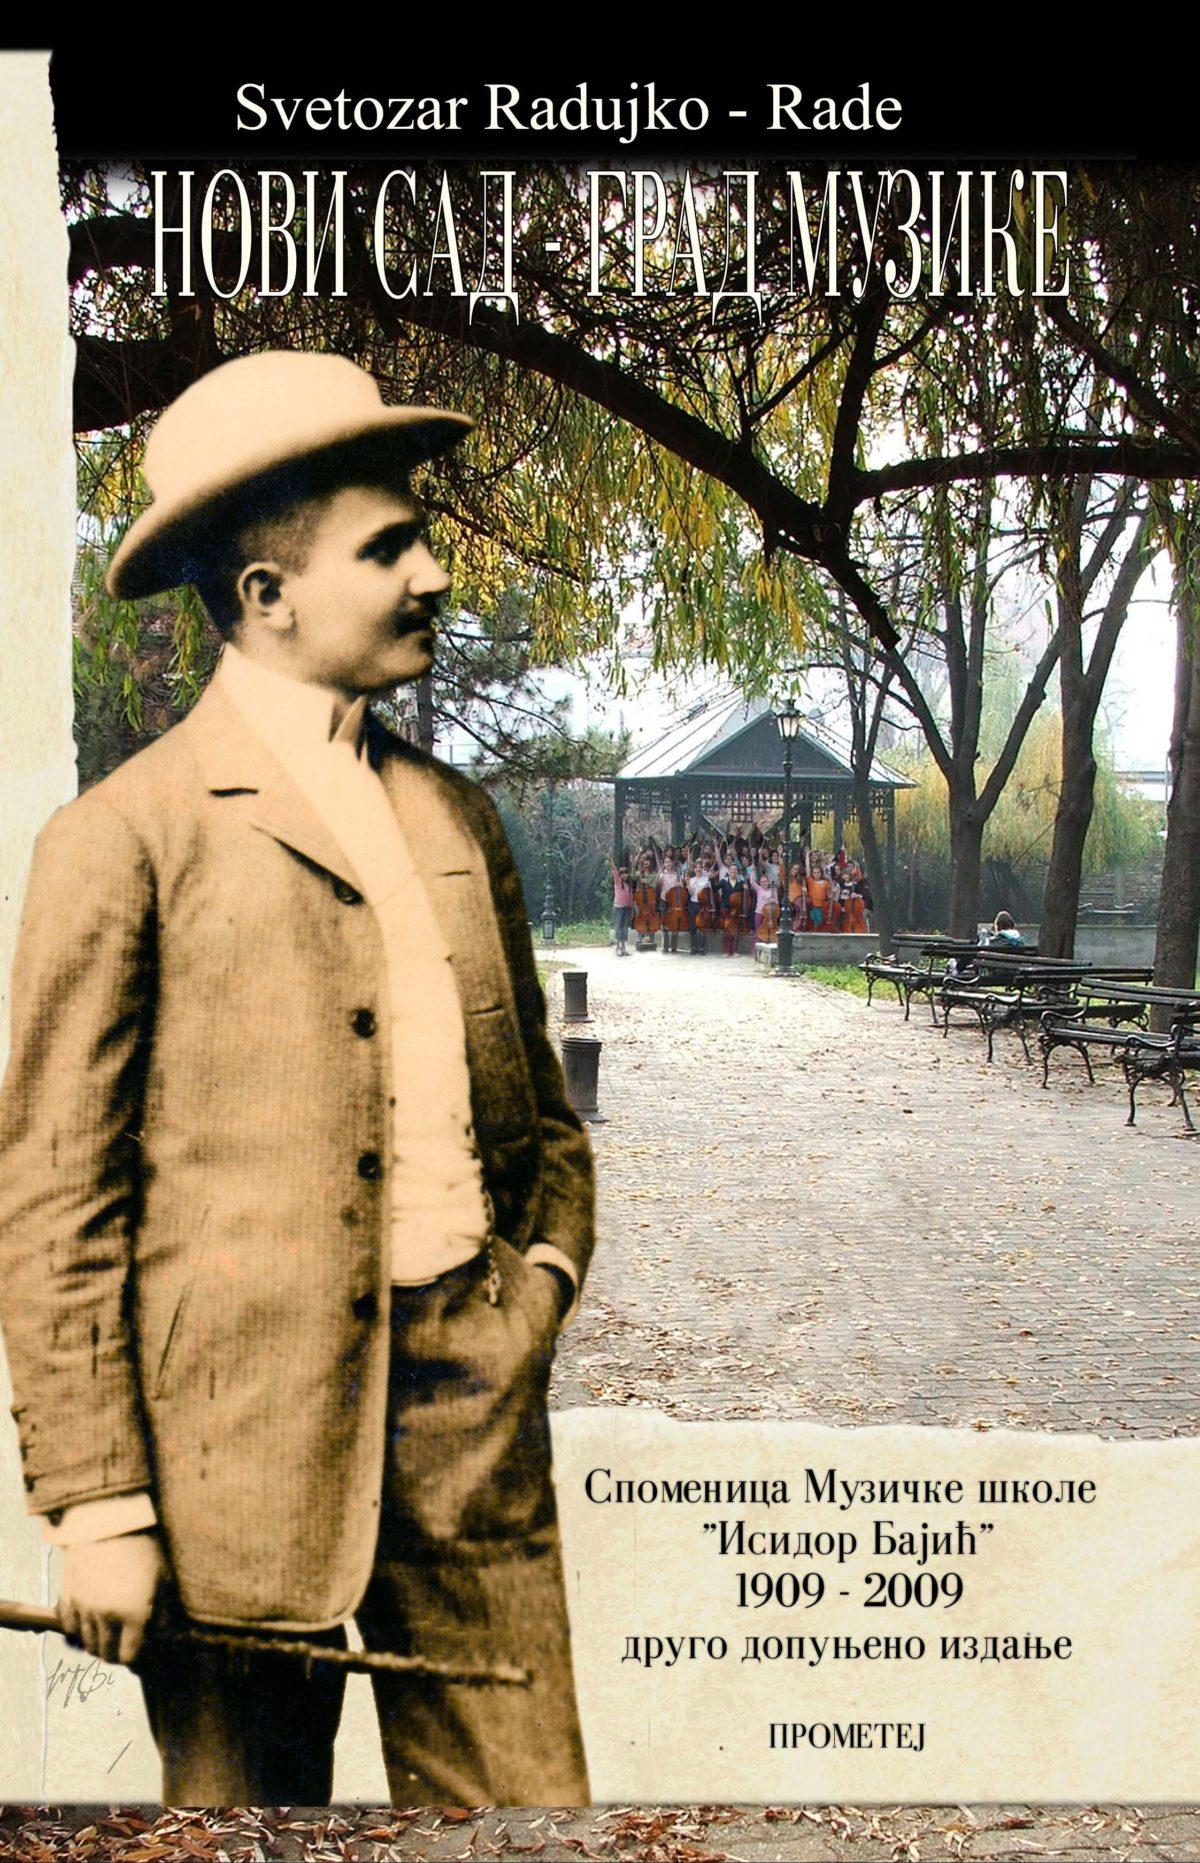 Нови Сад – град музике